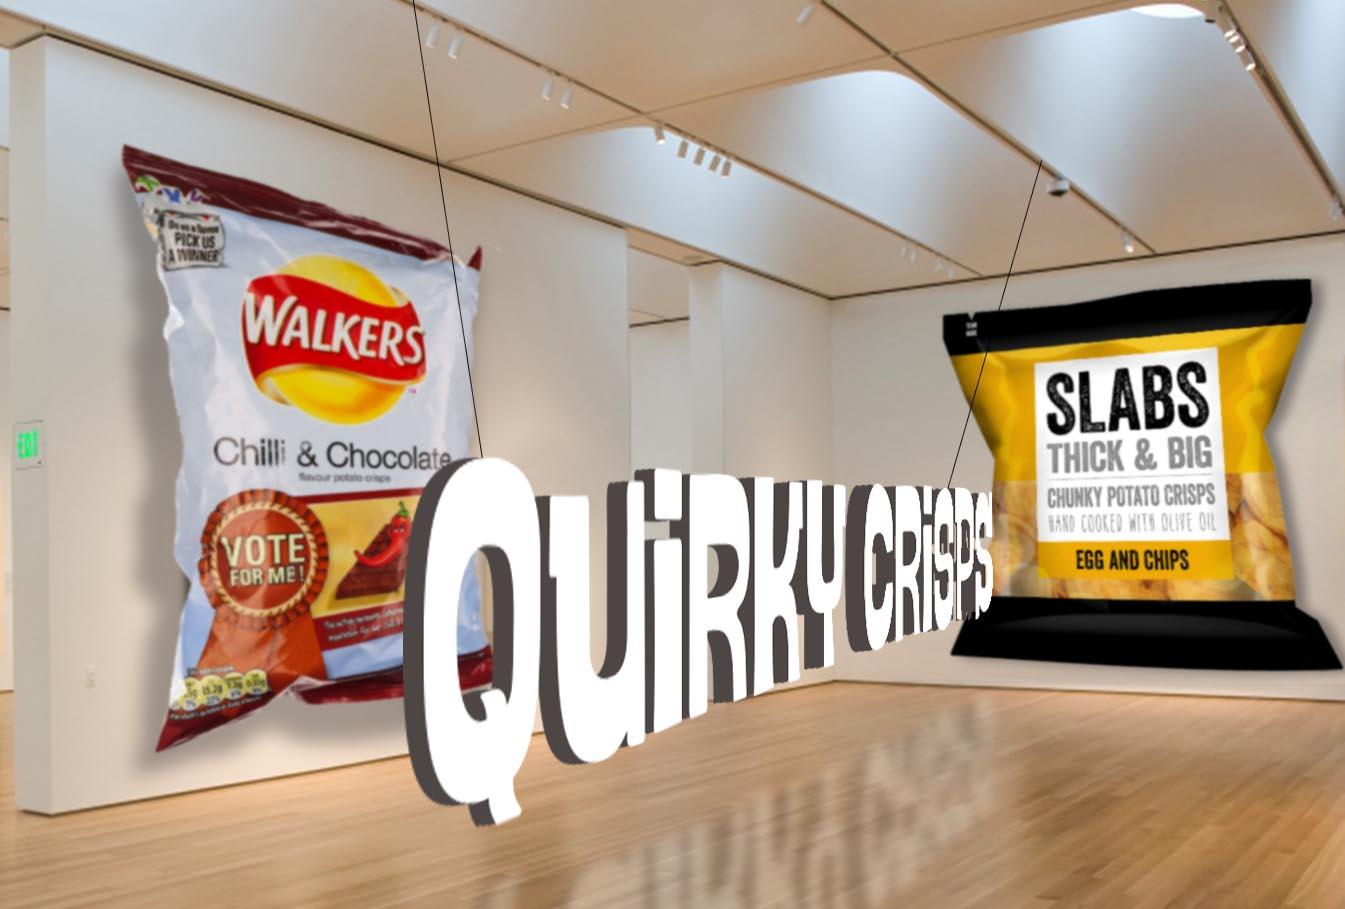 Quirky crisps